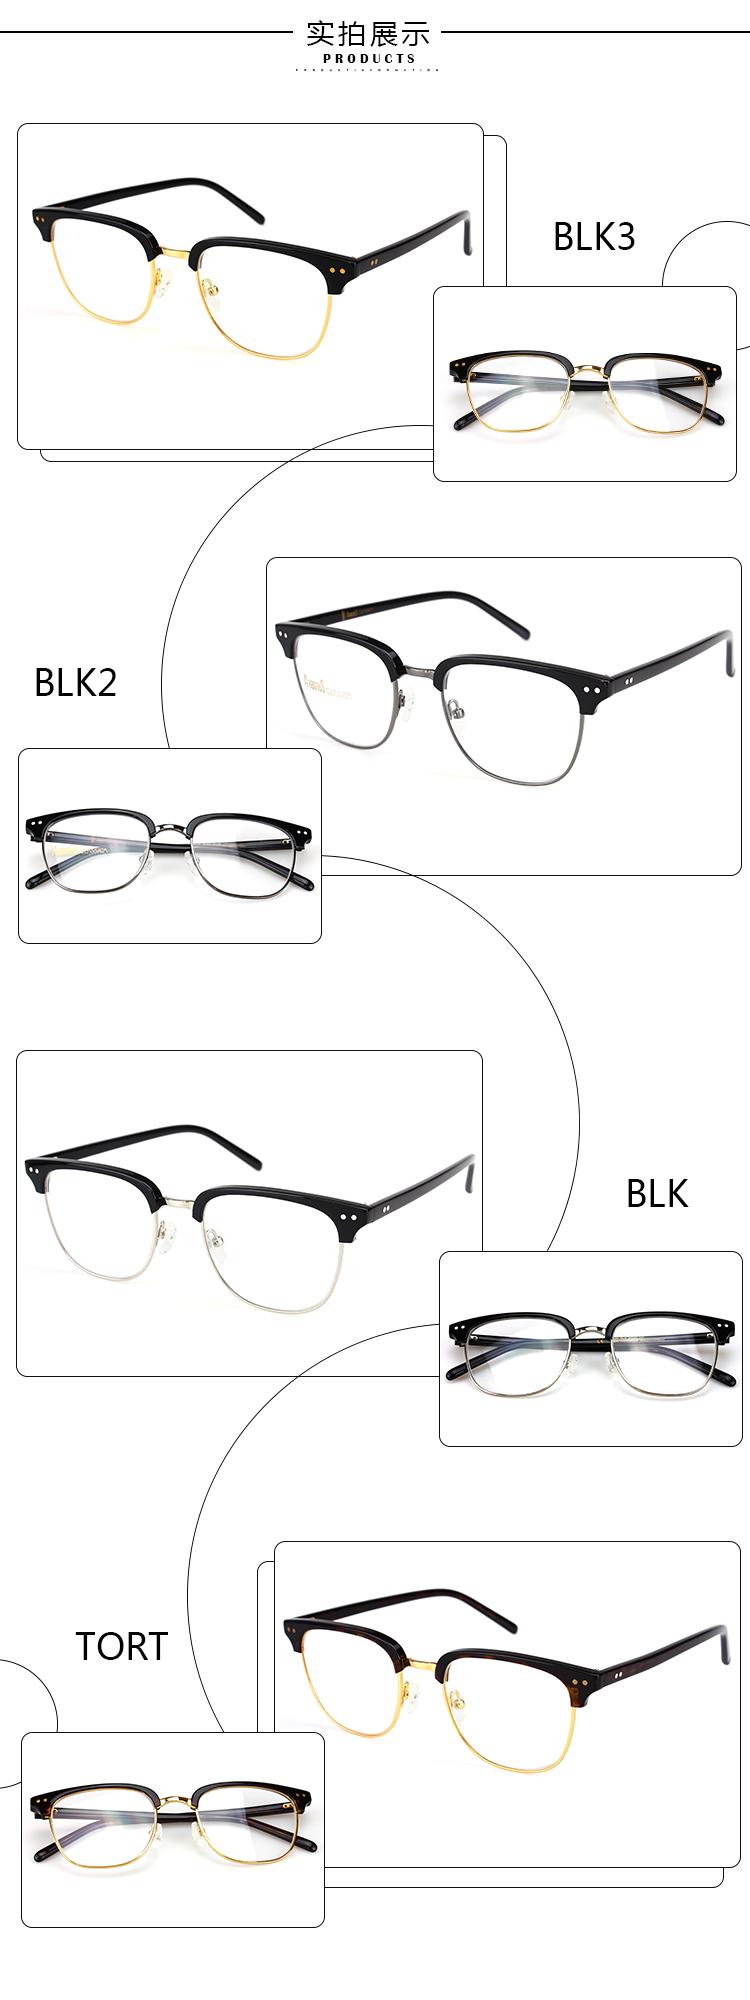 醋酸板材金属眼镜G6002